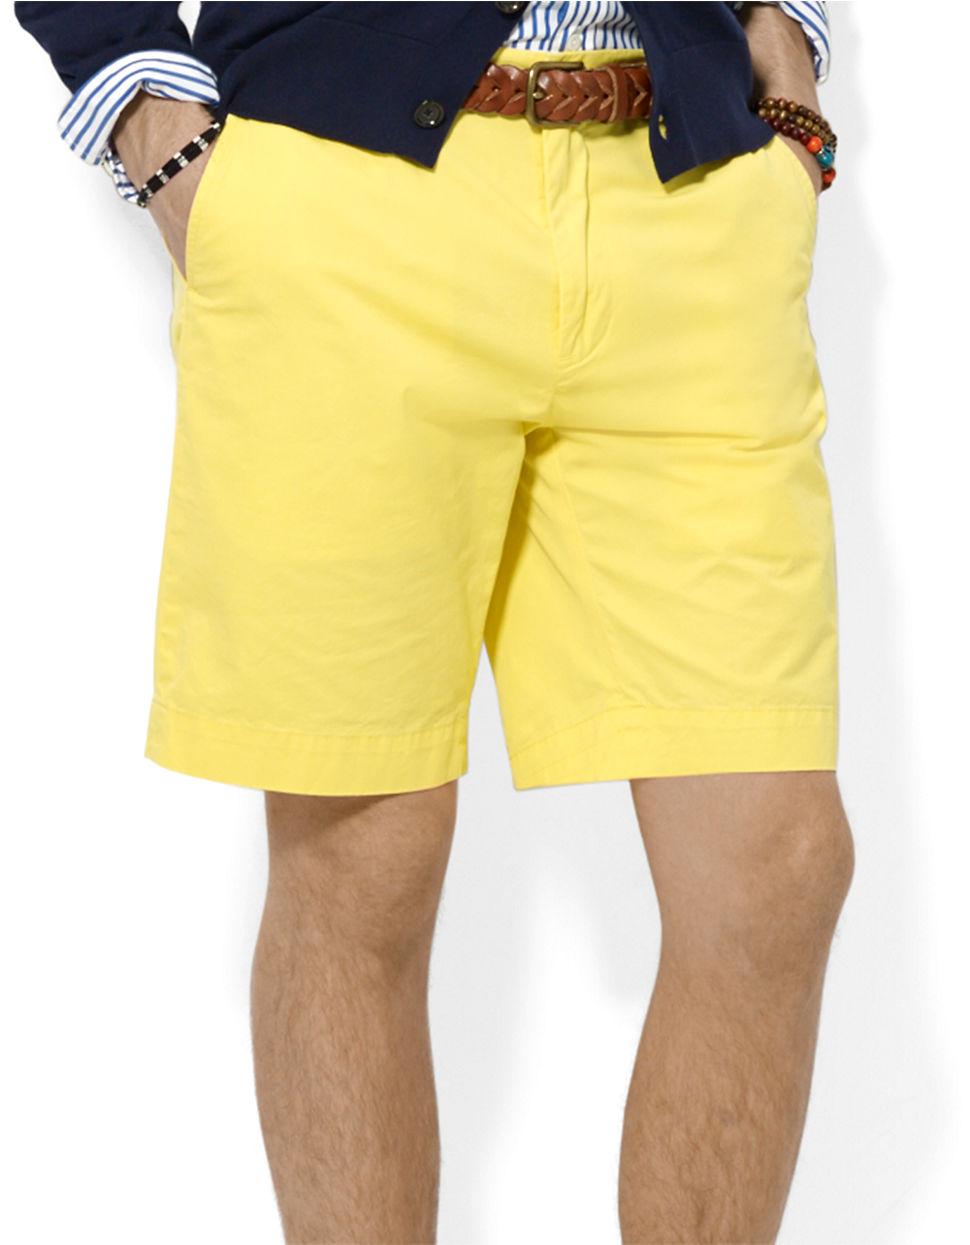 Mens Yellow Chino Shorts Hardon Clothes